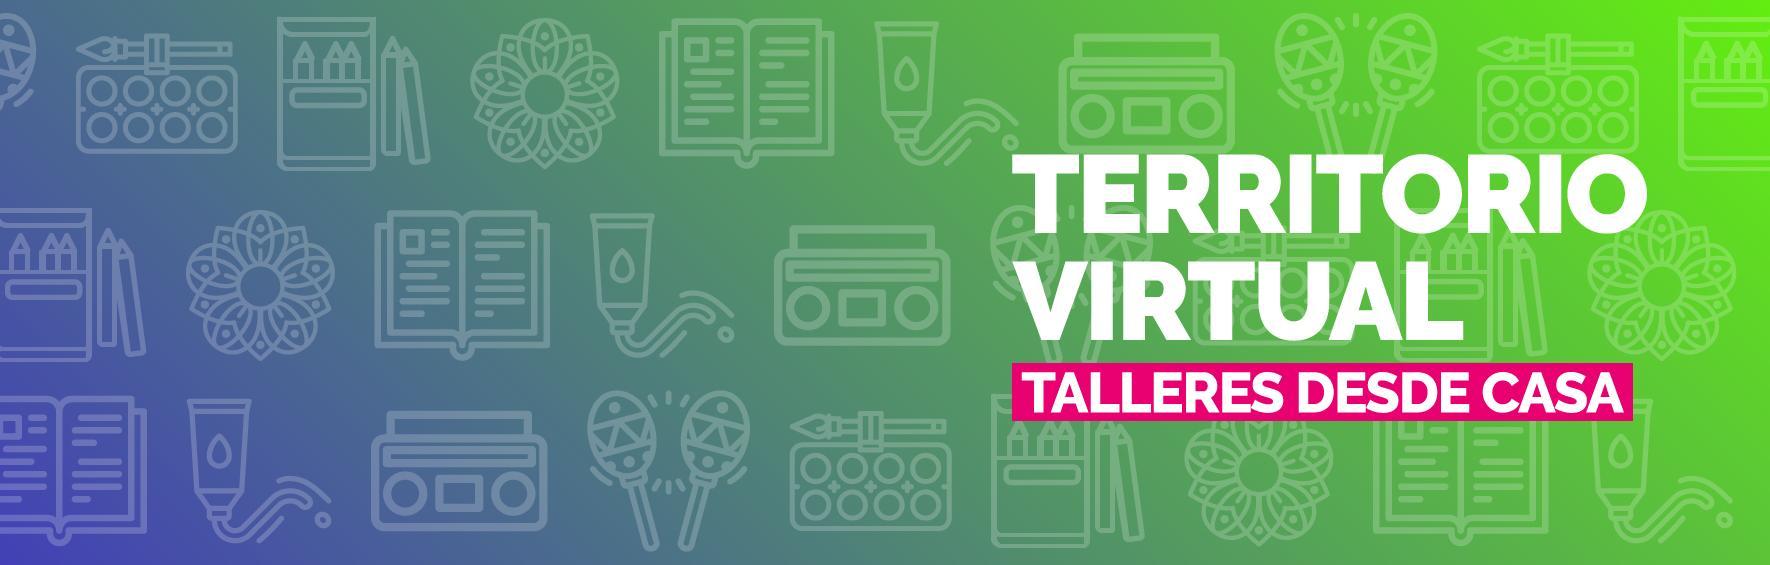 Territorio Virtual. Talleres desde casa